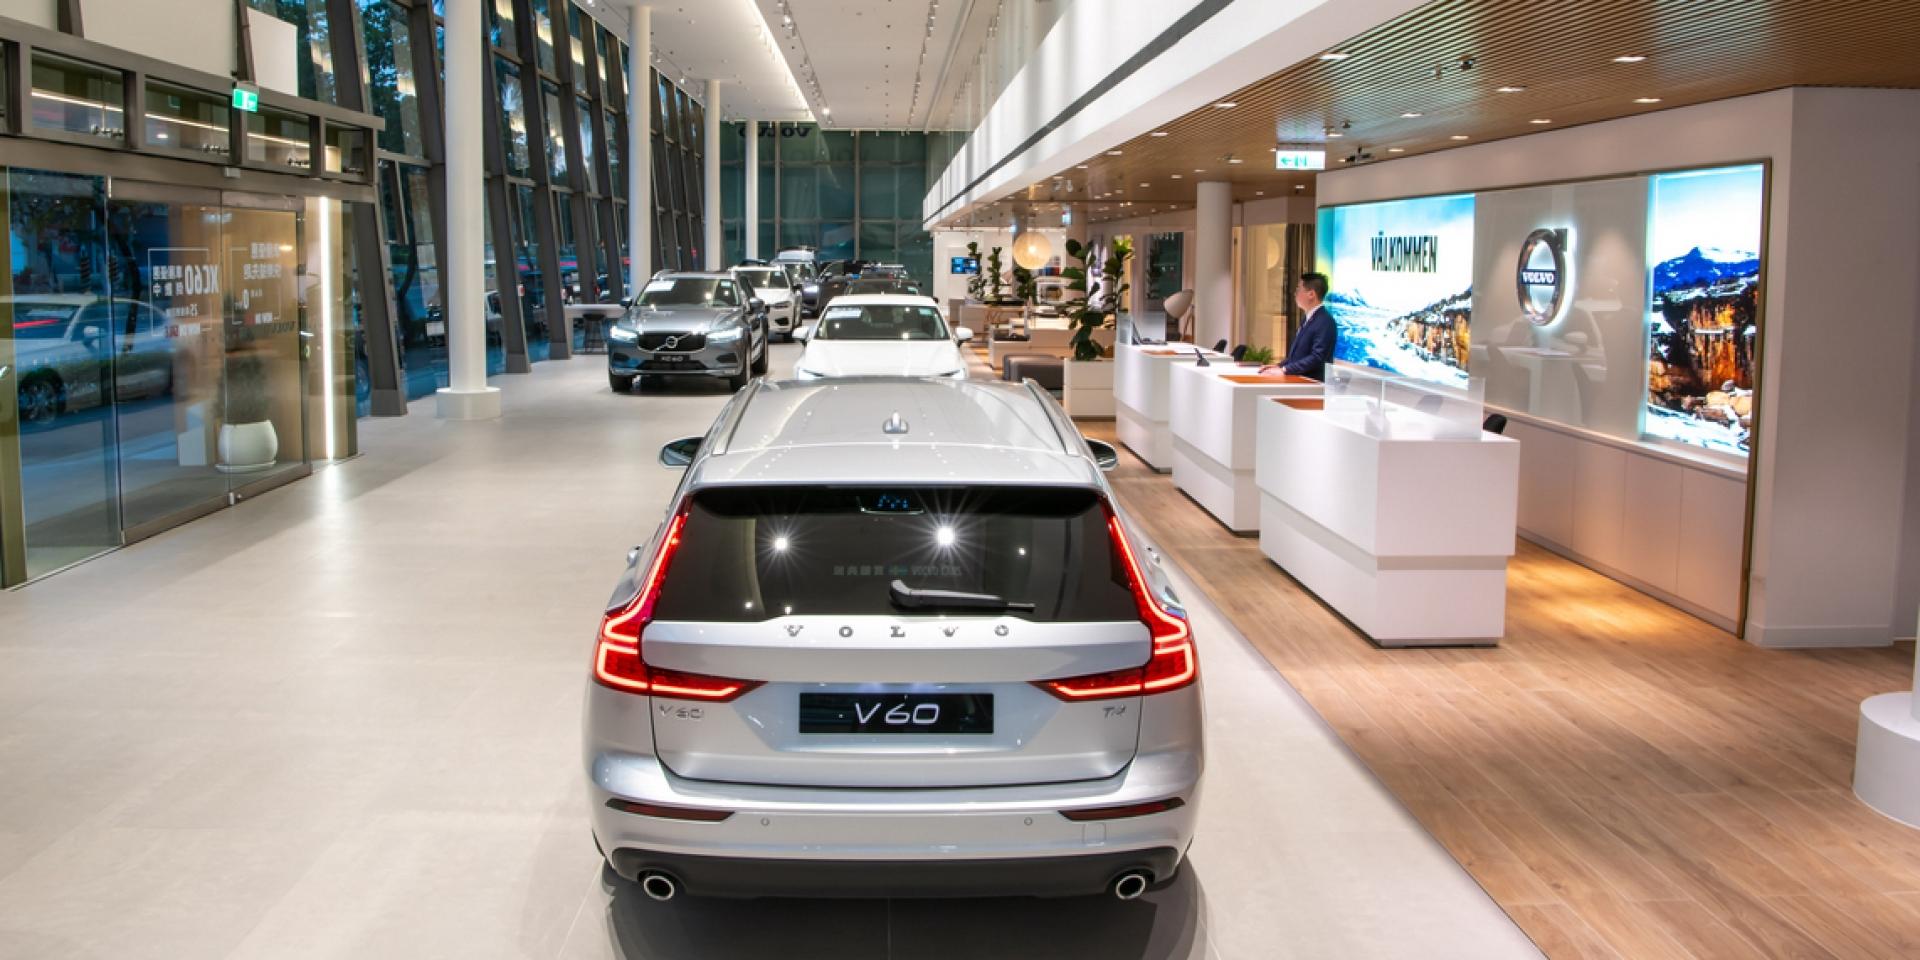 官方新聞稿。享受純正北歐斯堪地那維亞豪華雅致氛圍 VOLVO 內湖新凱「Volvo Retail Experience」展間正式營運